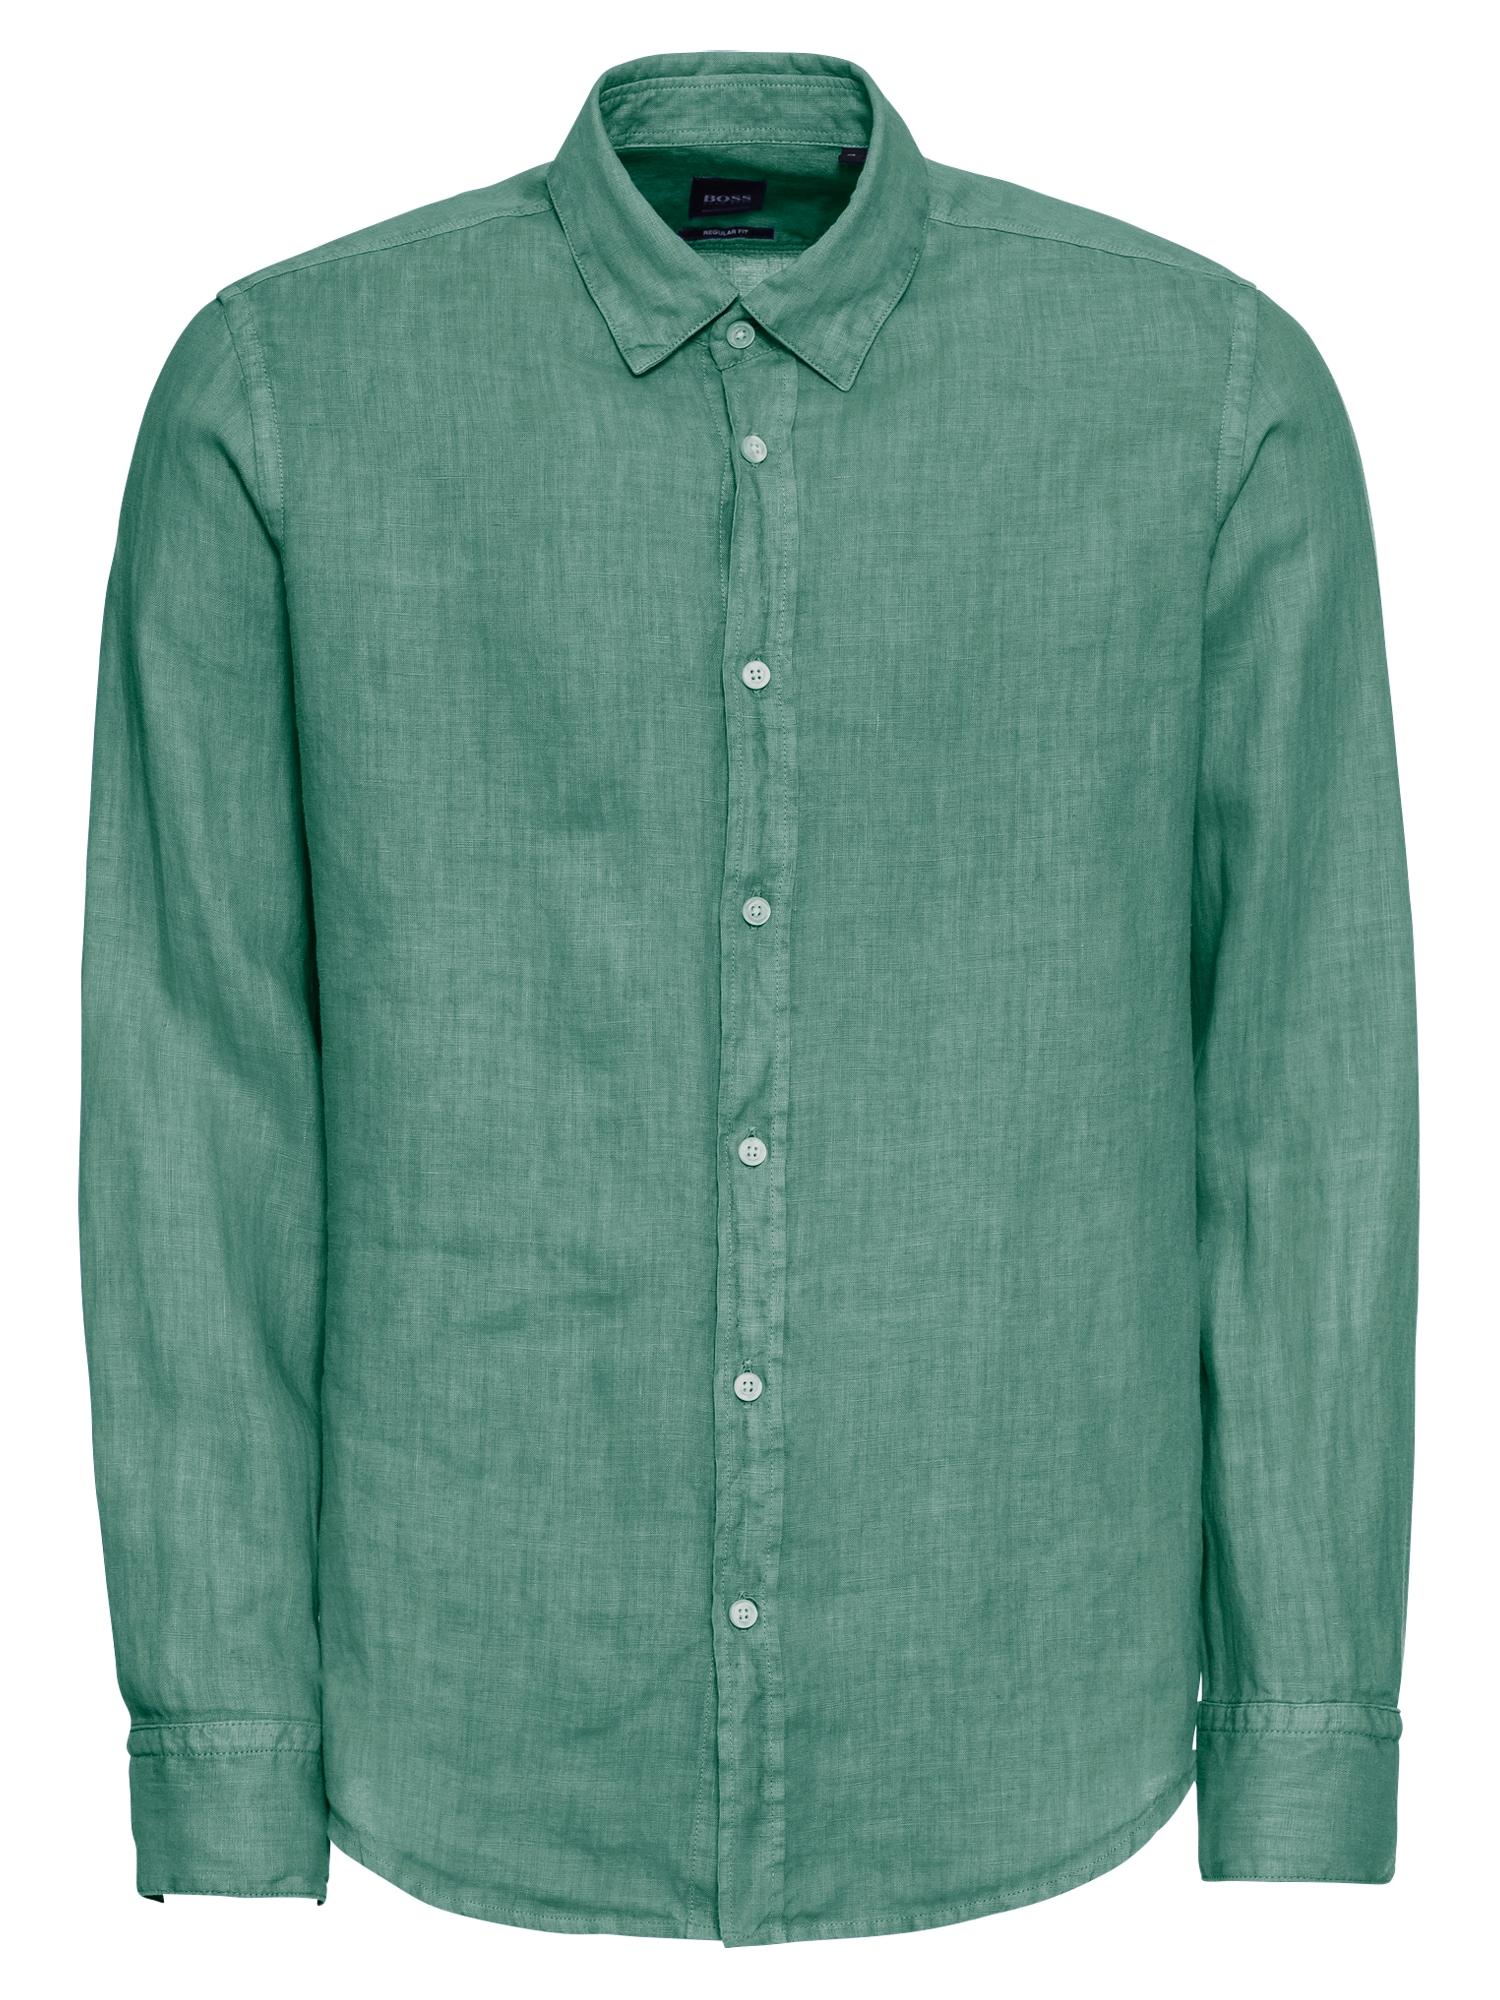 Košile Relegant_1 10169252 01 tmavě zelená BOSS